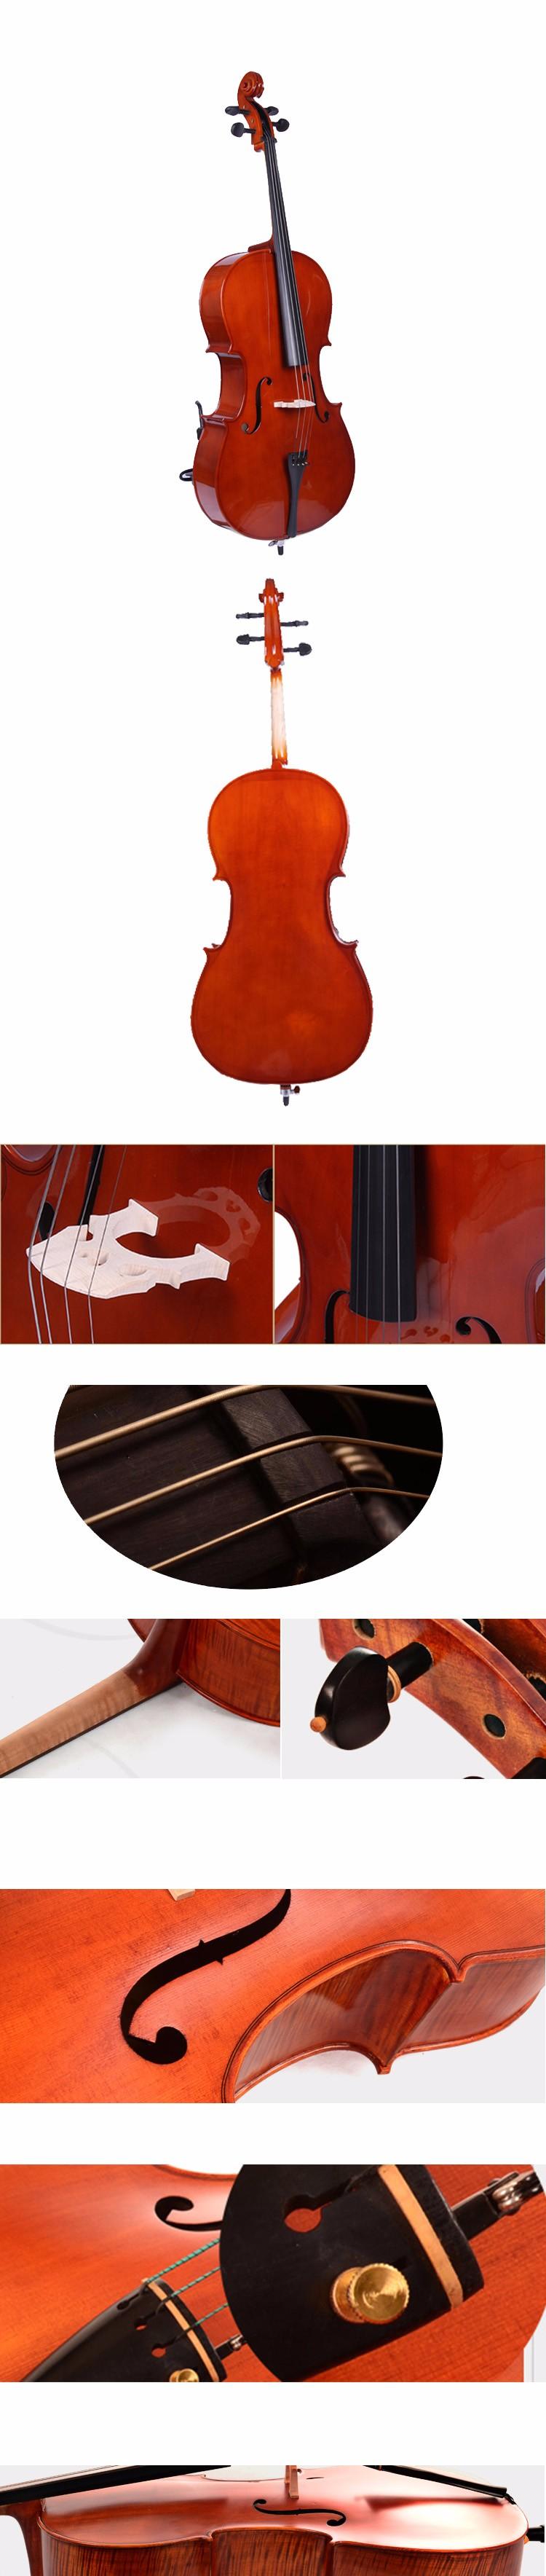 里歌 lige 衫木4_4大提琴LCO-615_06.jpg